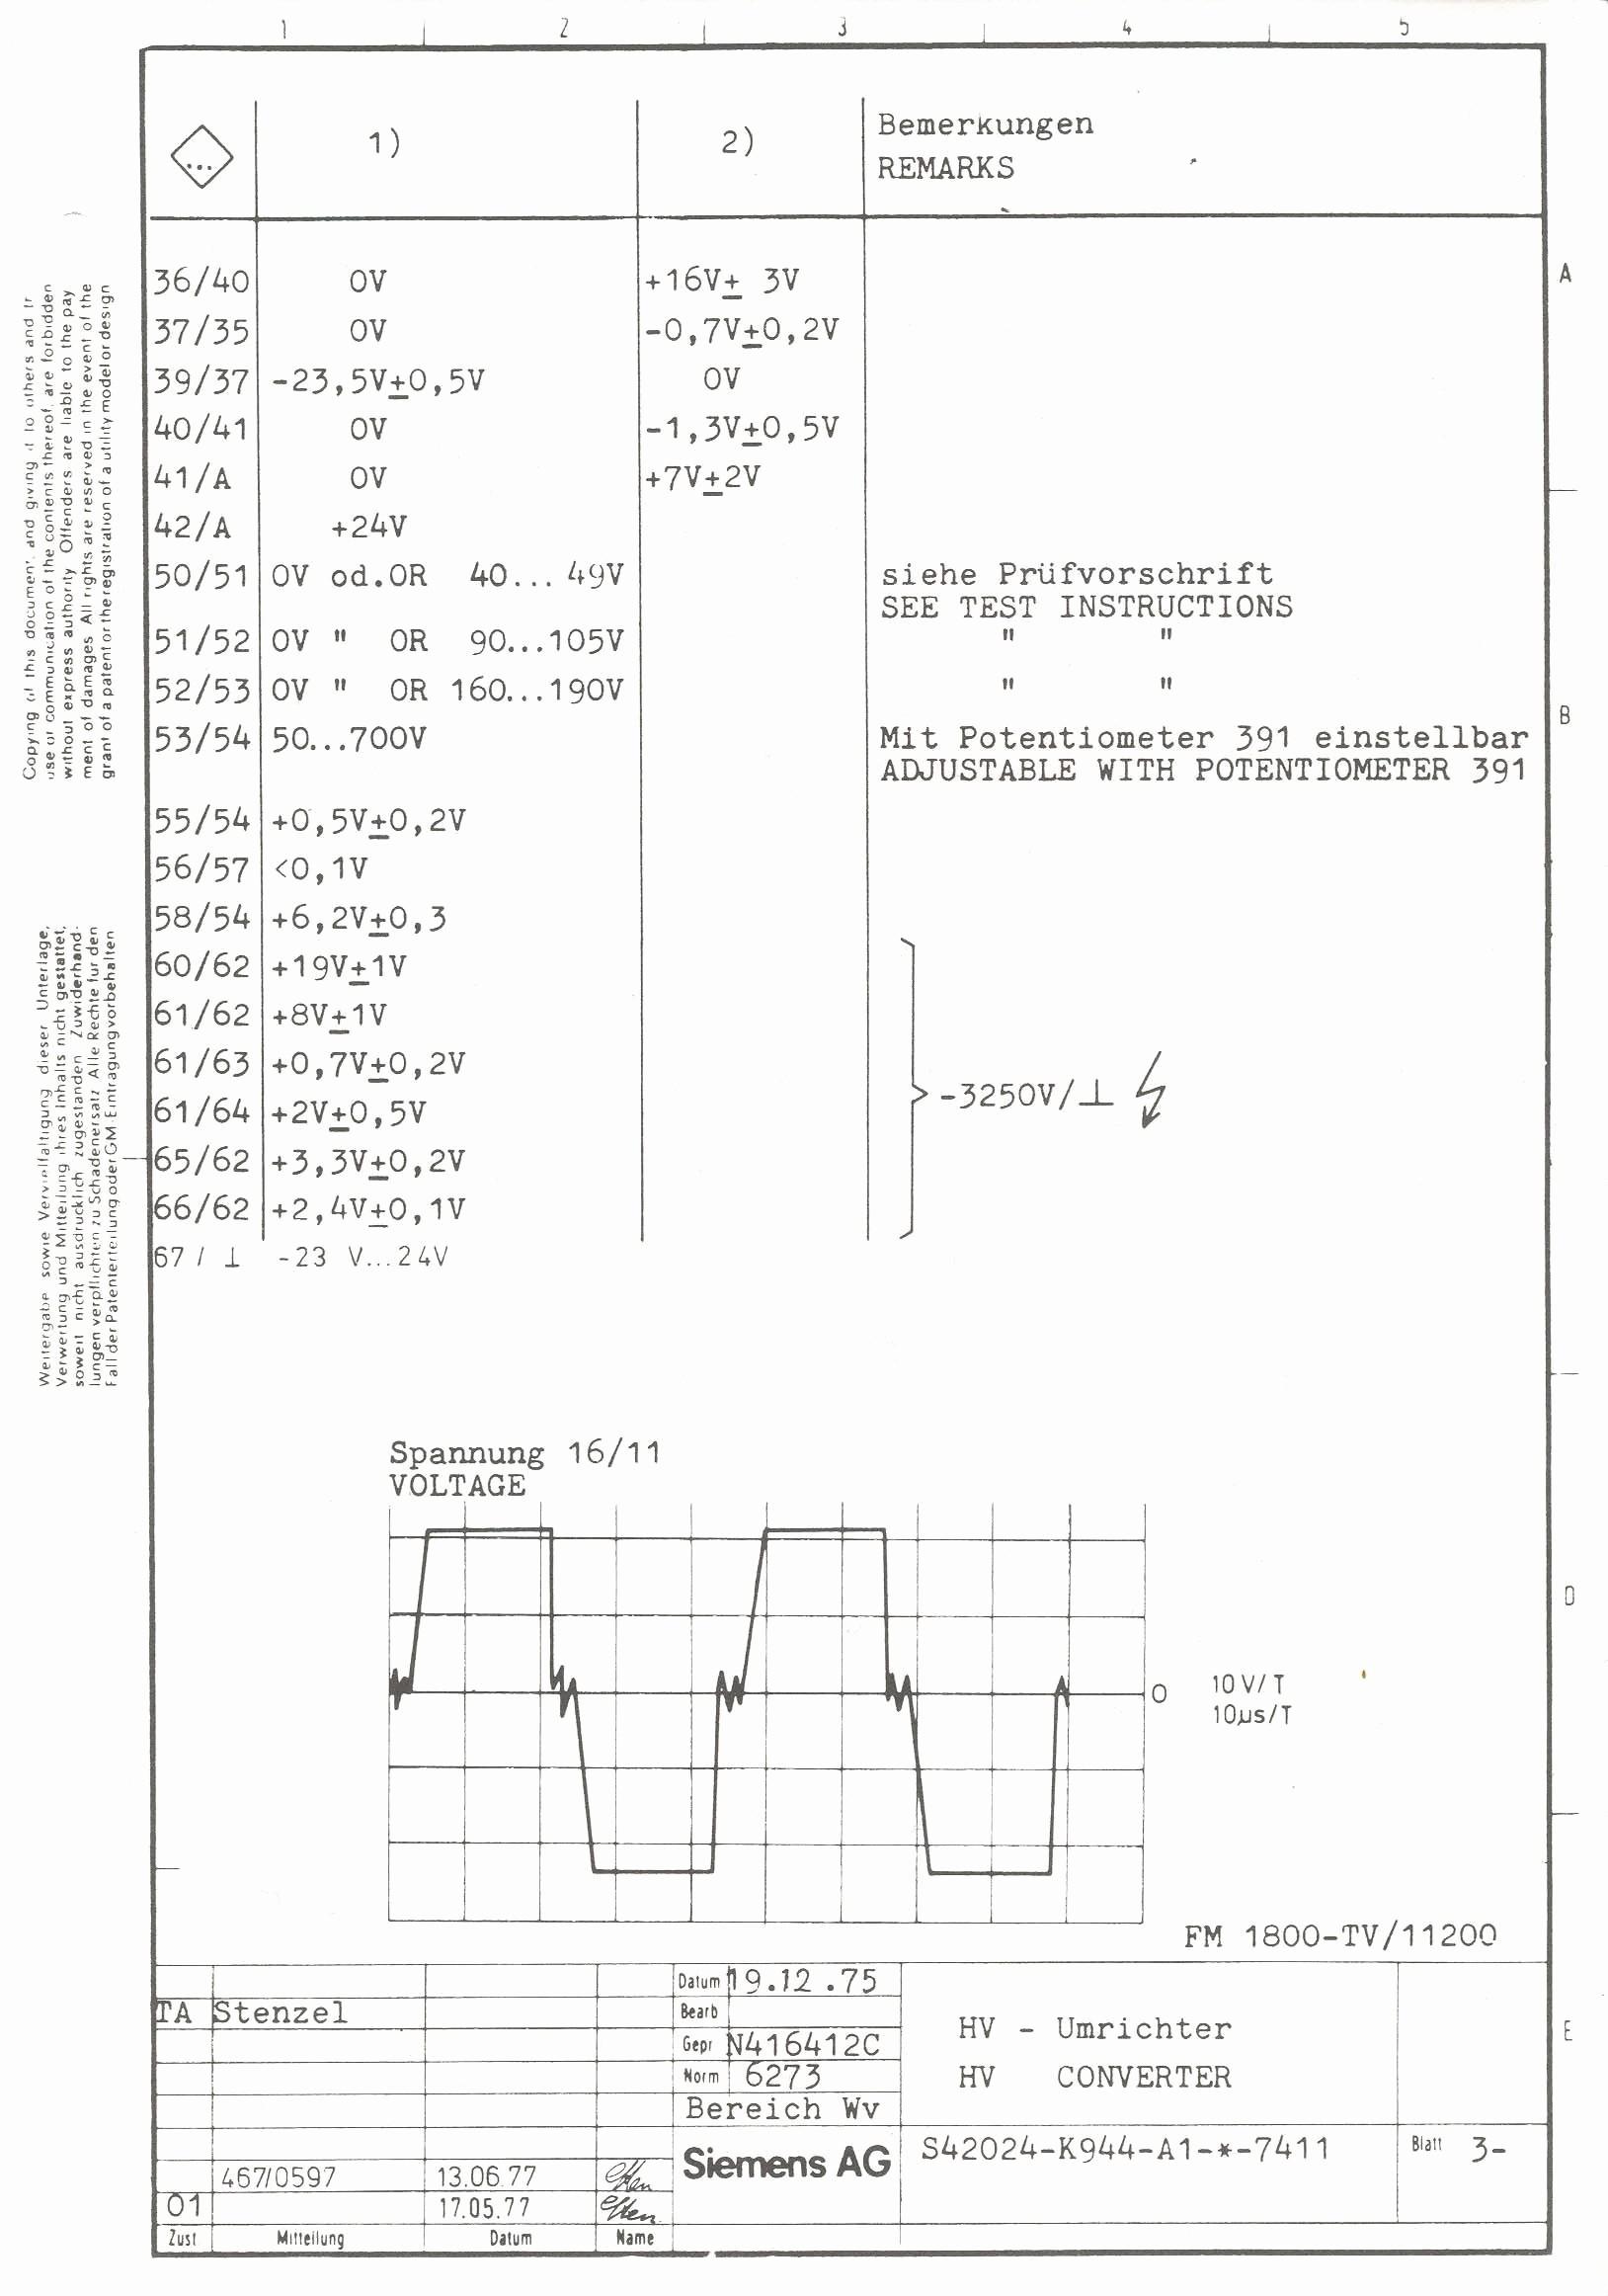 Aftermarket Radio Wiring Diagram Unique Wiring Diagram for aftermarket Radio Pickenscountymedicalcenter Collection Aftermarket Radio Wiring